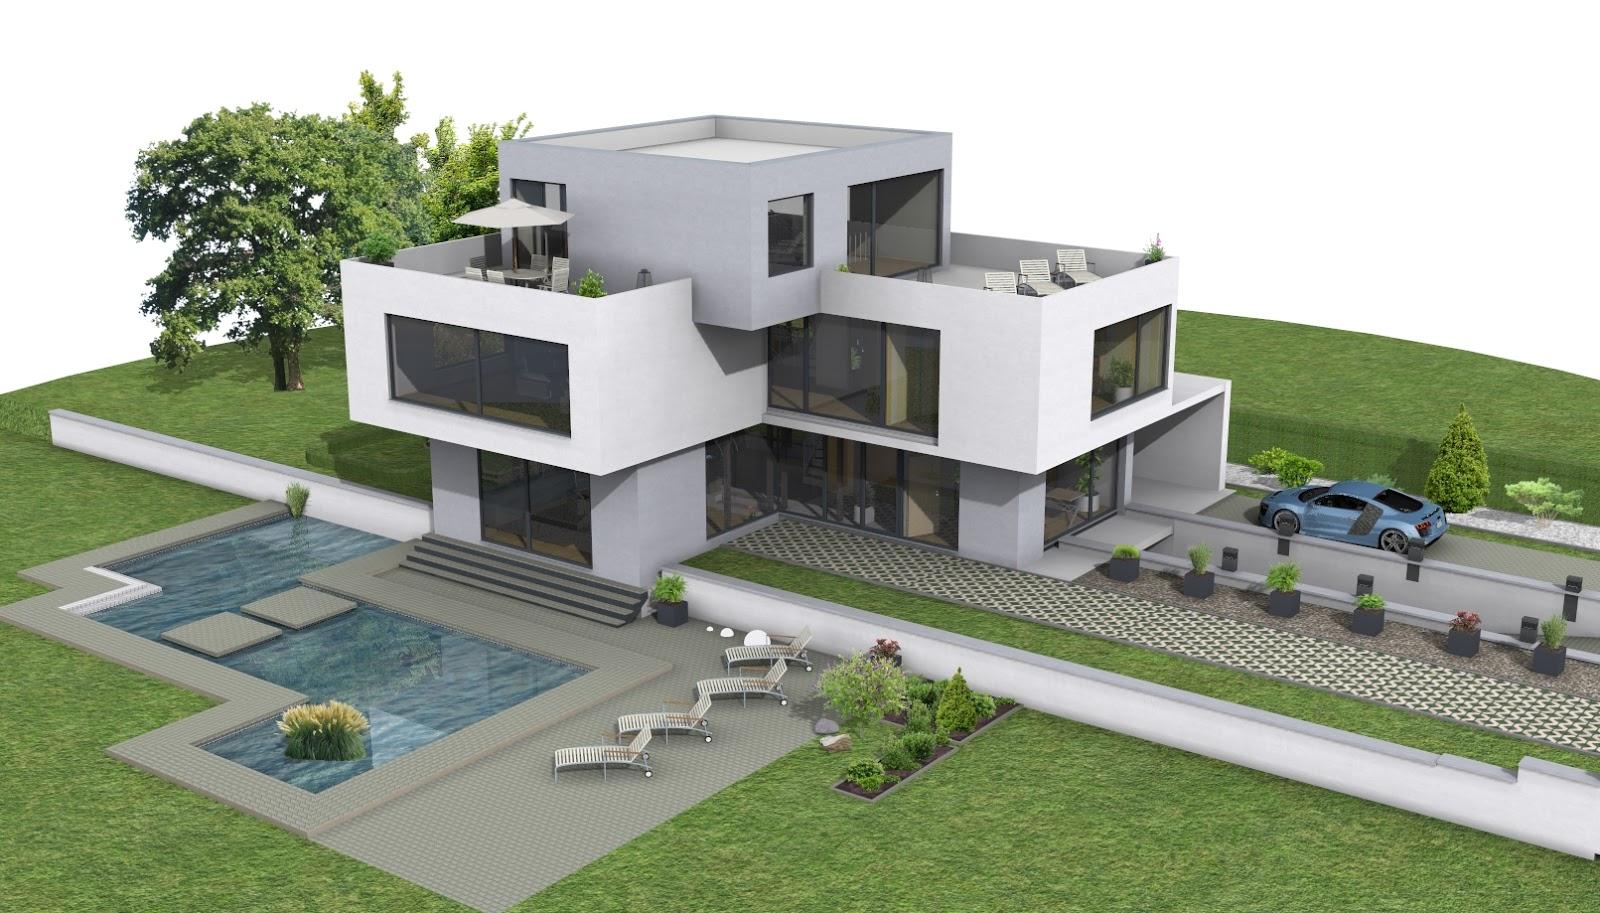 moderne villen grundriss | minimalistische haus design - Moderne Villen